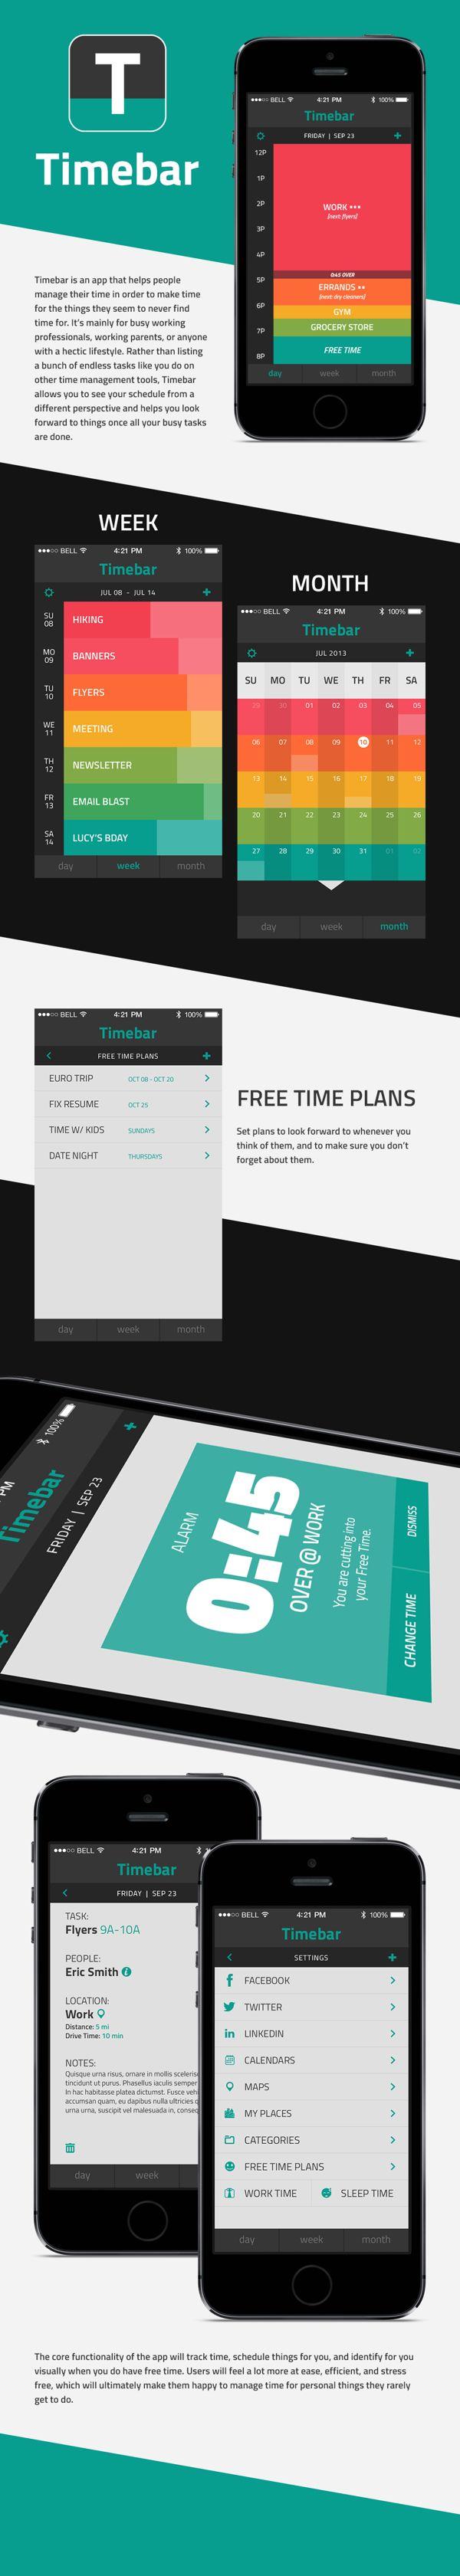 Timebar Mobile Design